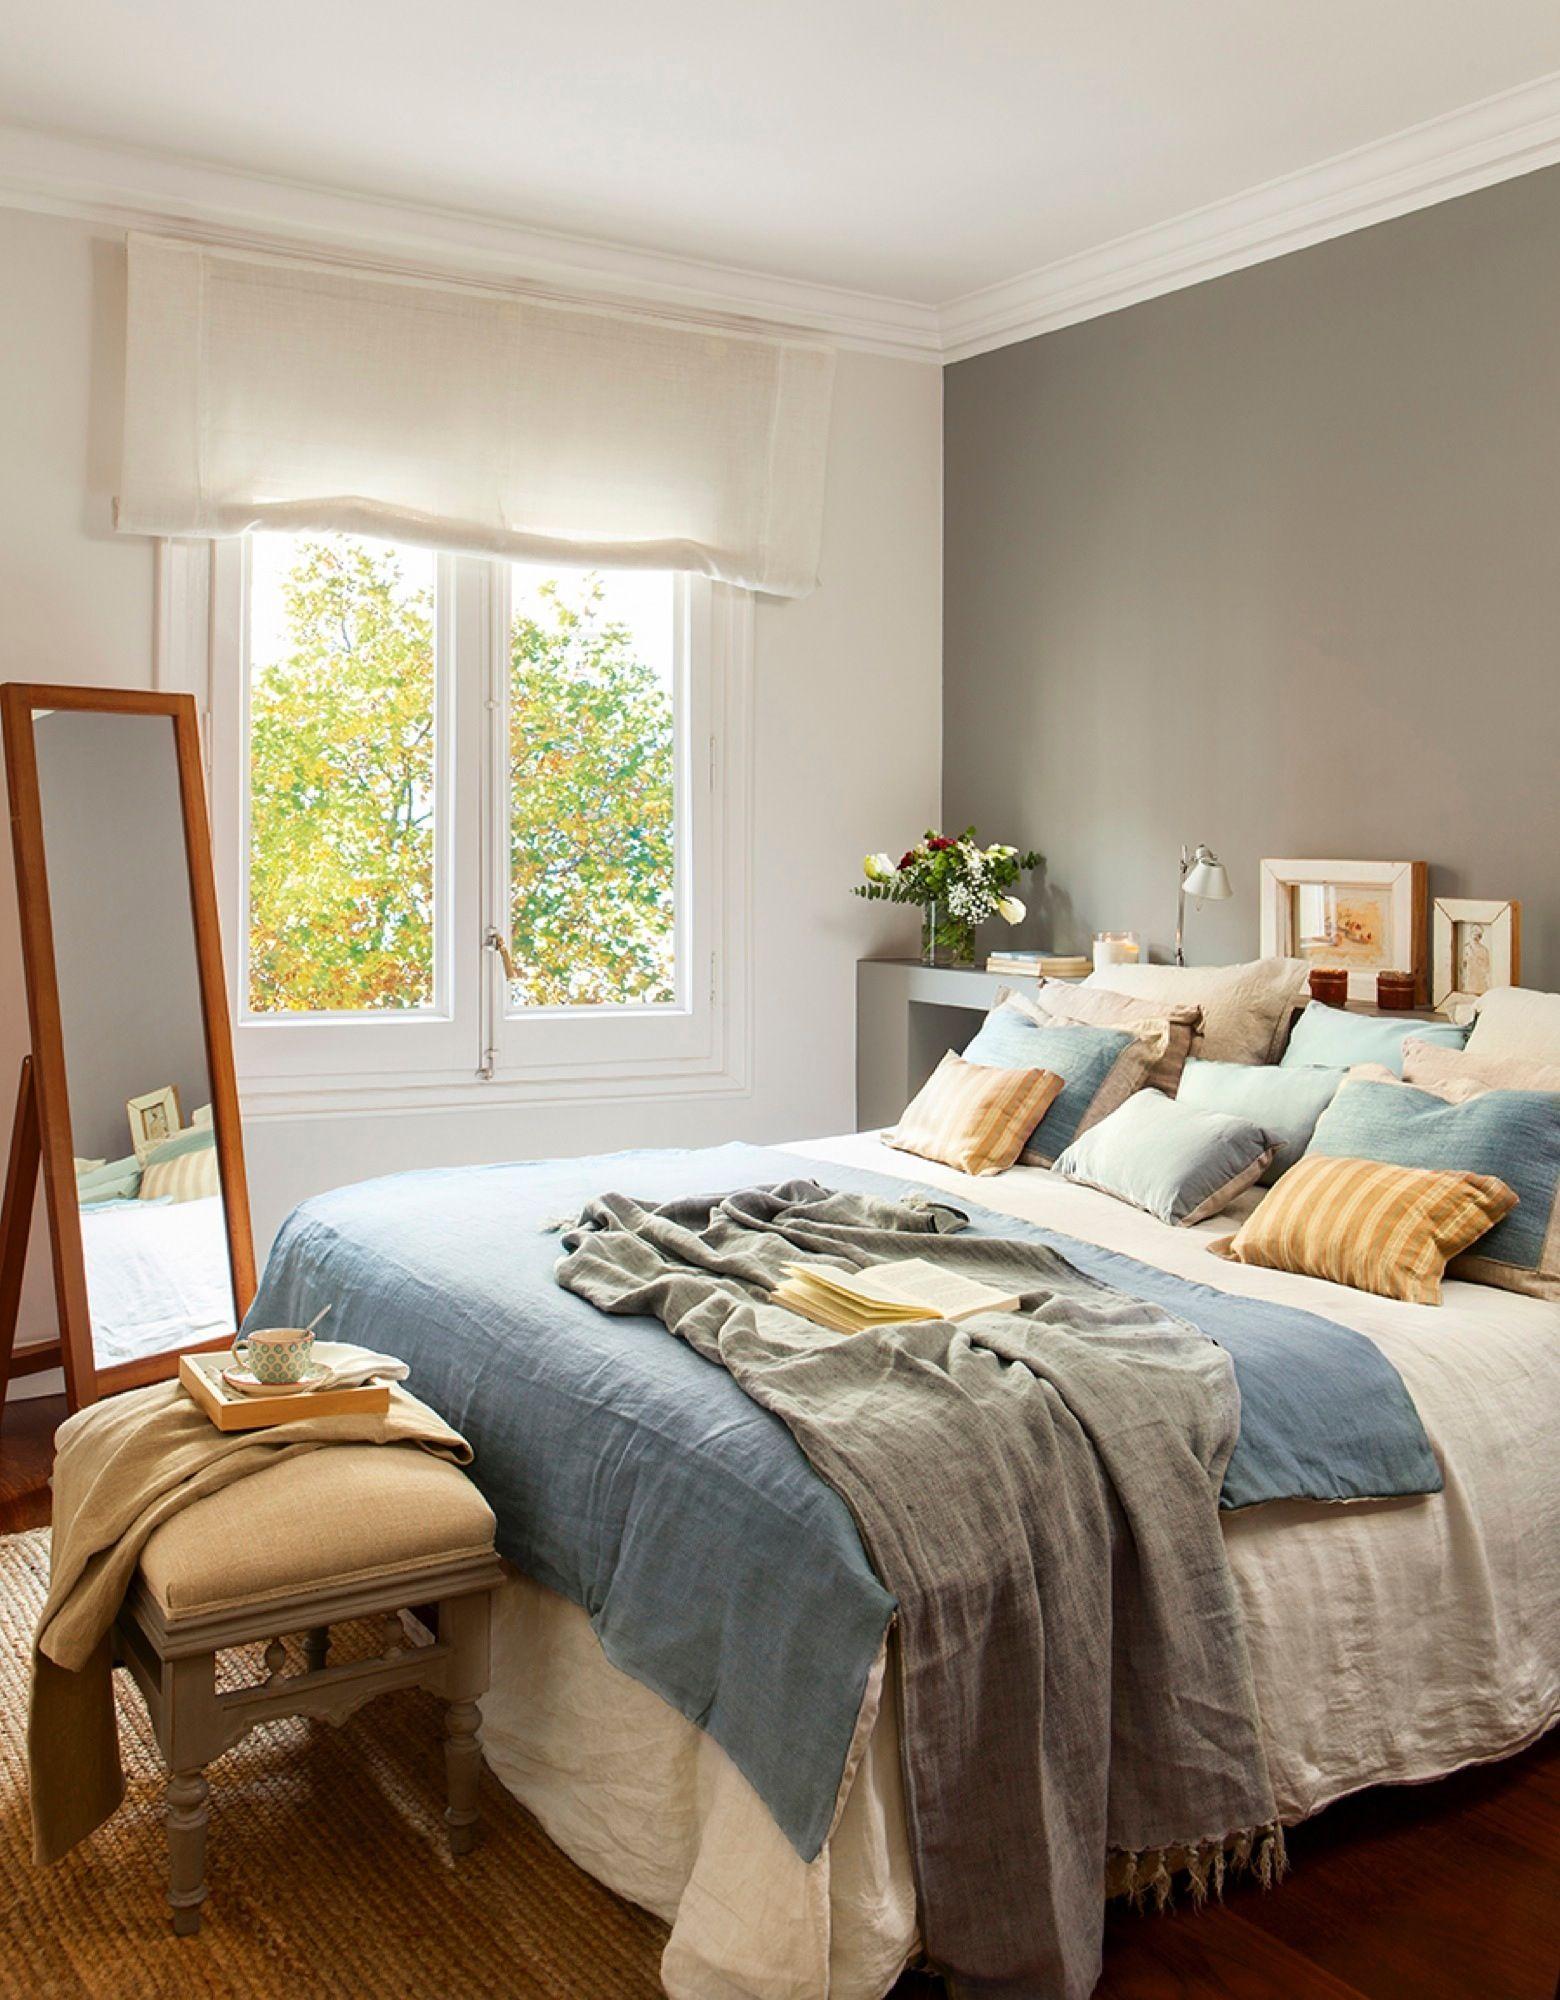 En el dormitorio a los pies de la cama banqueta - Mesillas de dormitorio ...